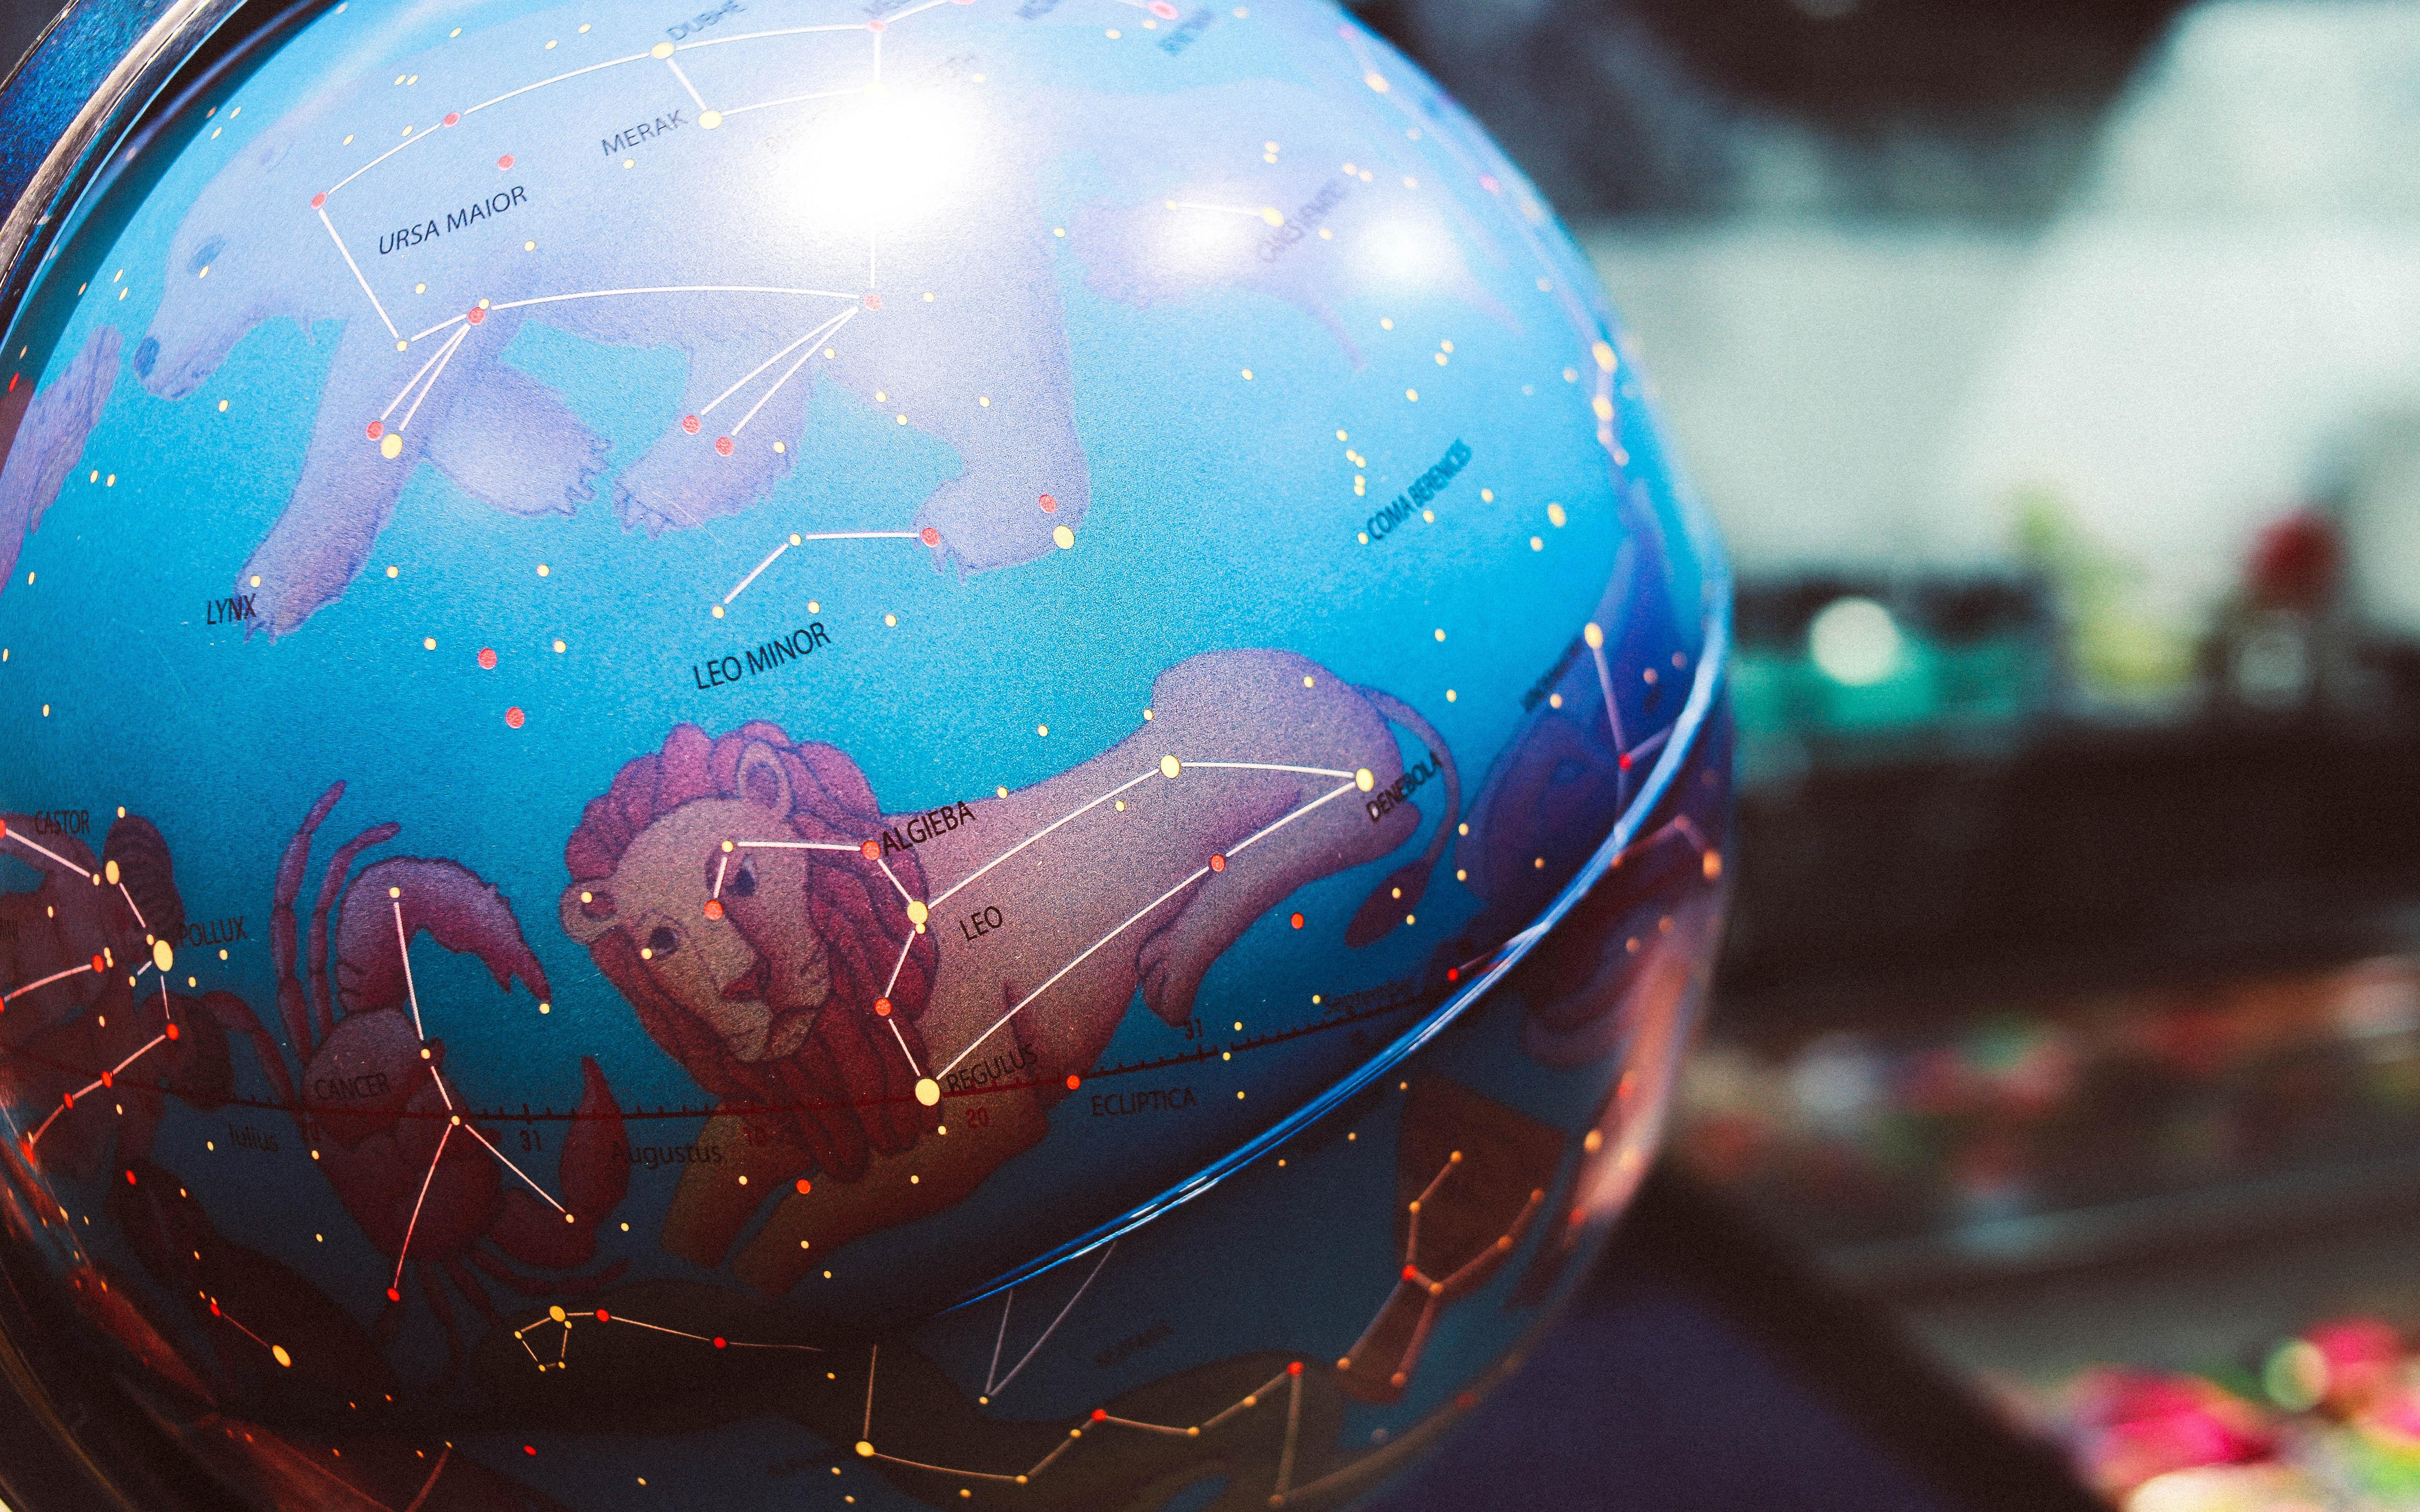 世界の精神医療について示している地球儀